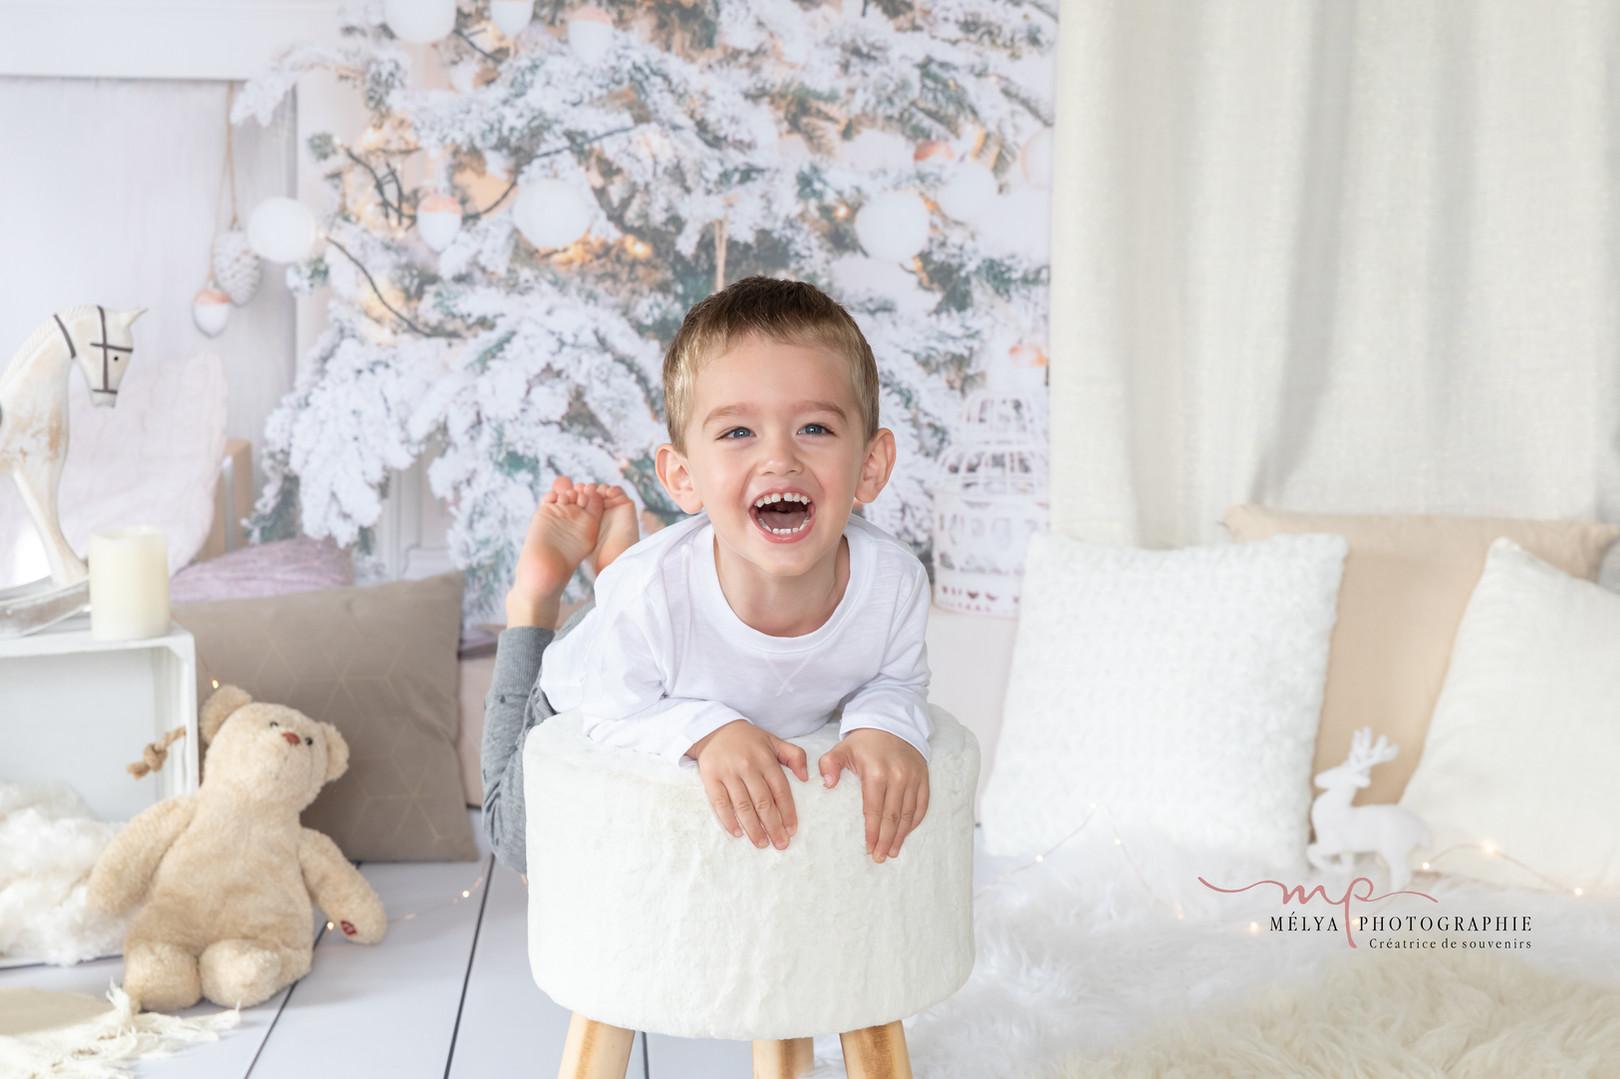 séance photo portrait d'enfant